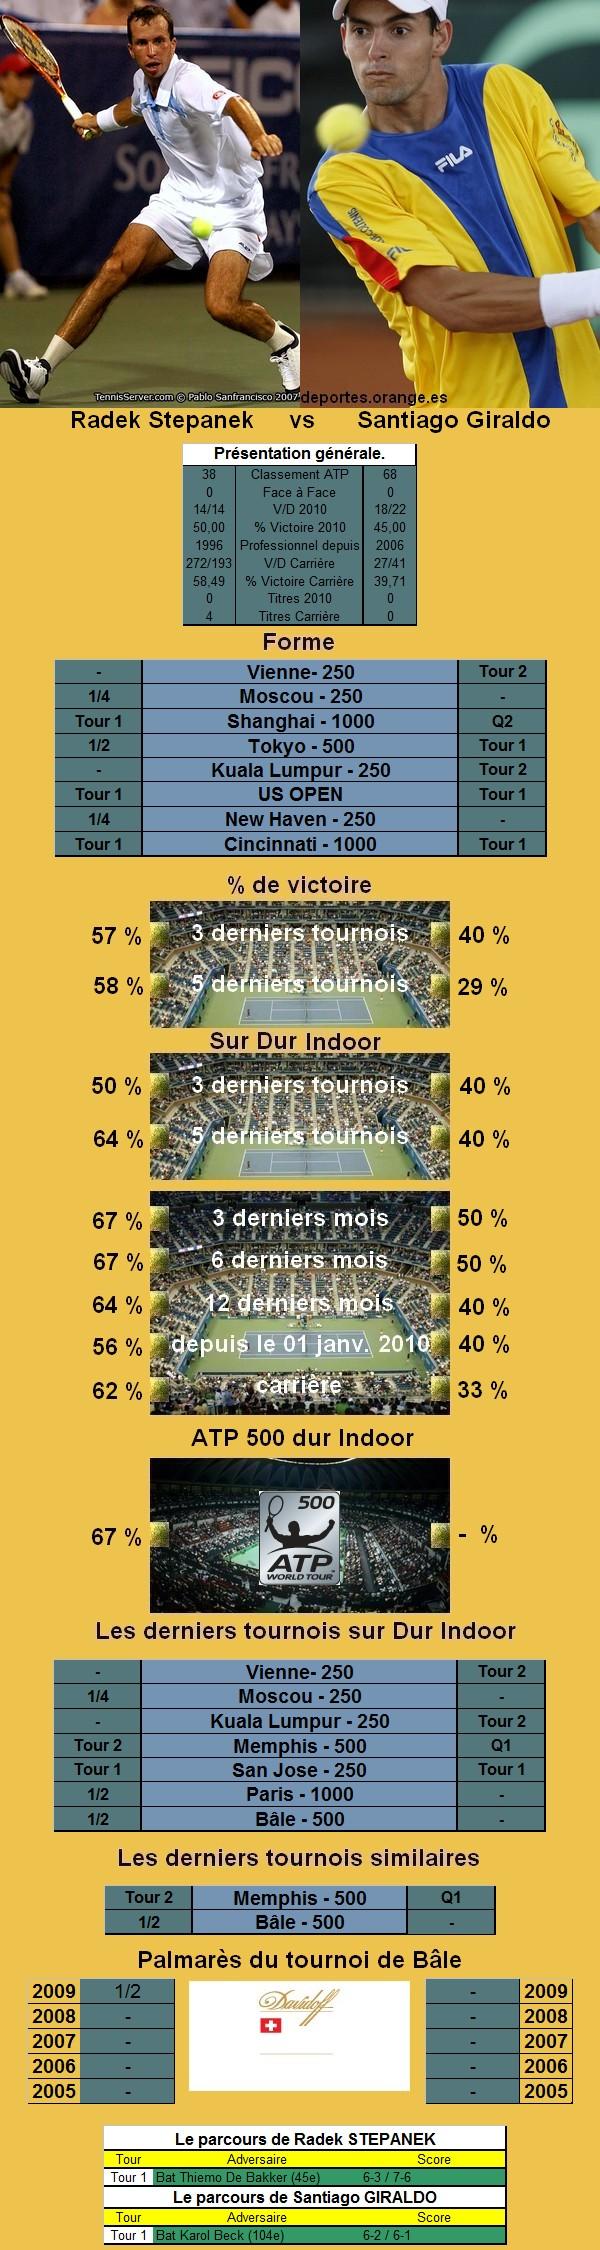 Statistiques tennis de Stepanek contre Giraldo à Bale